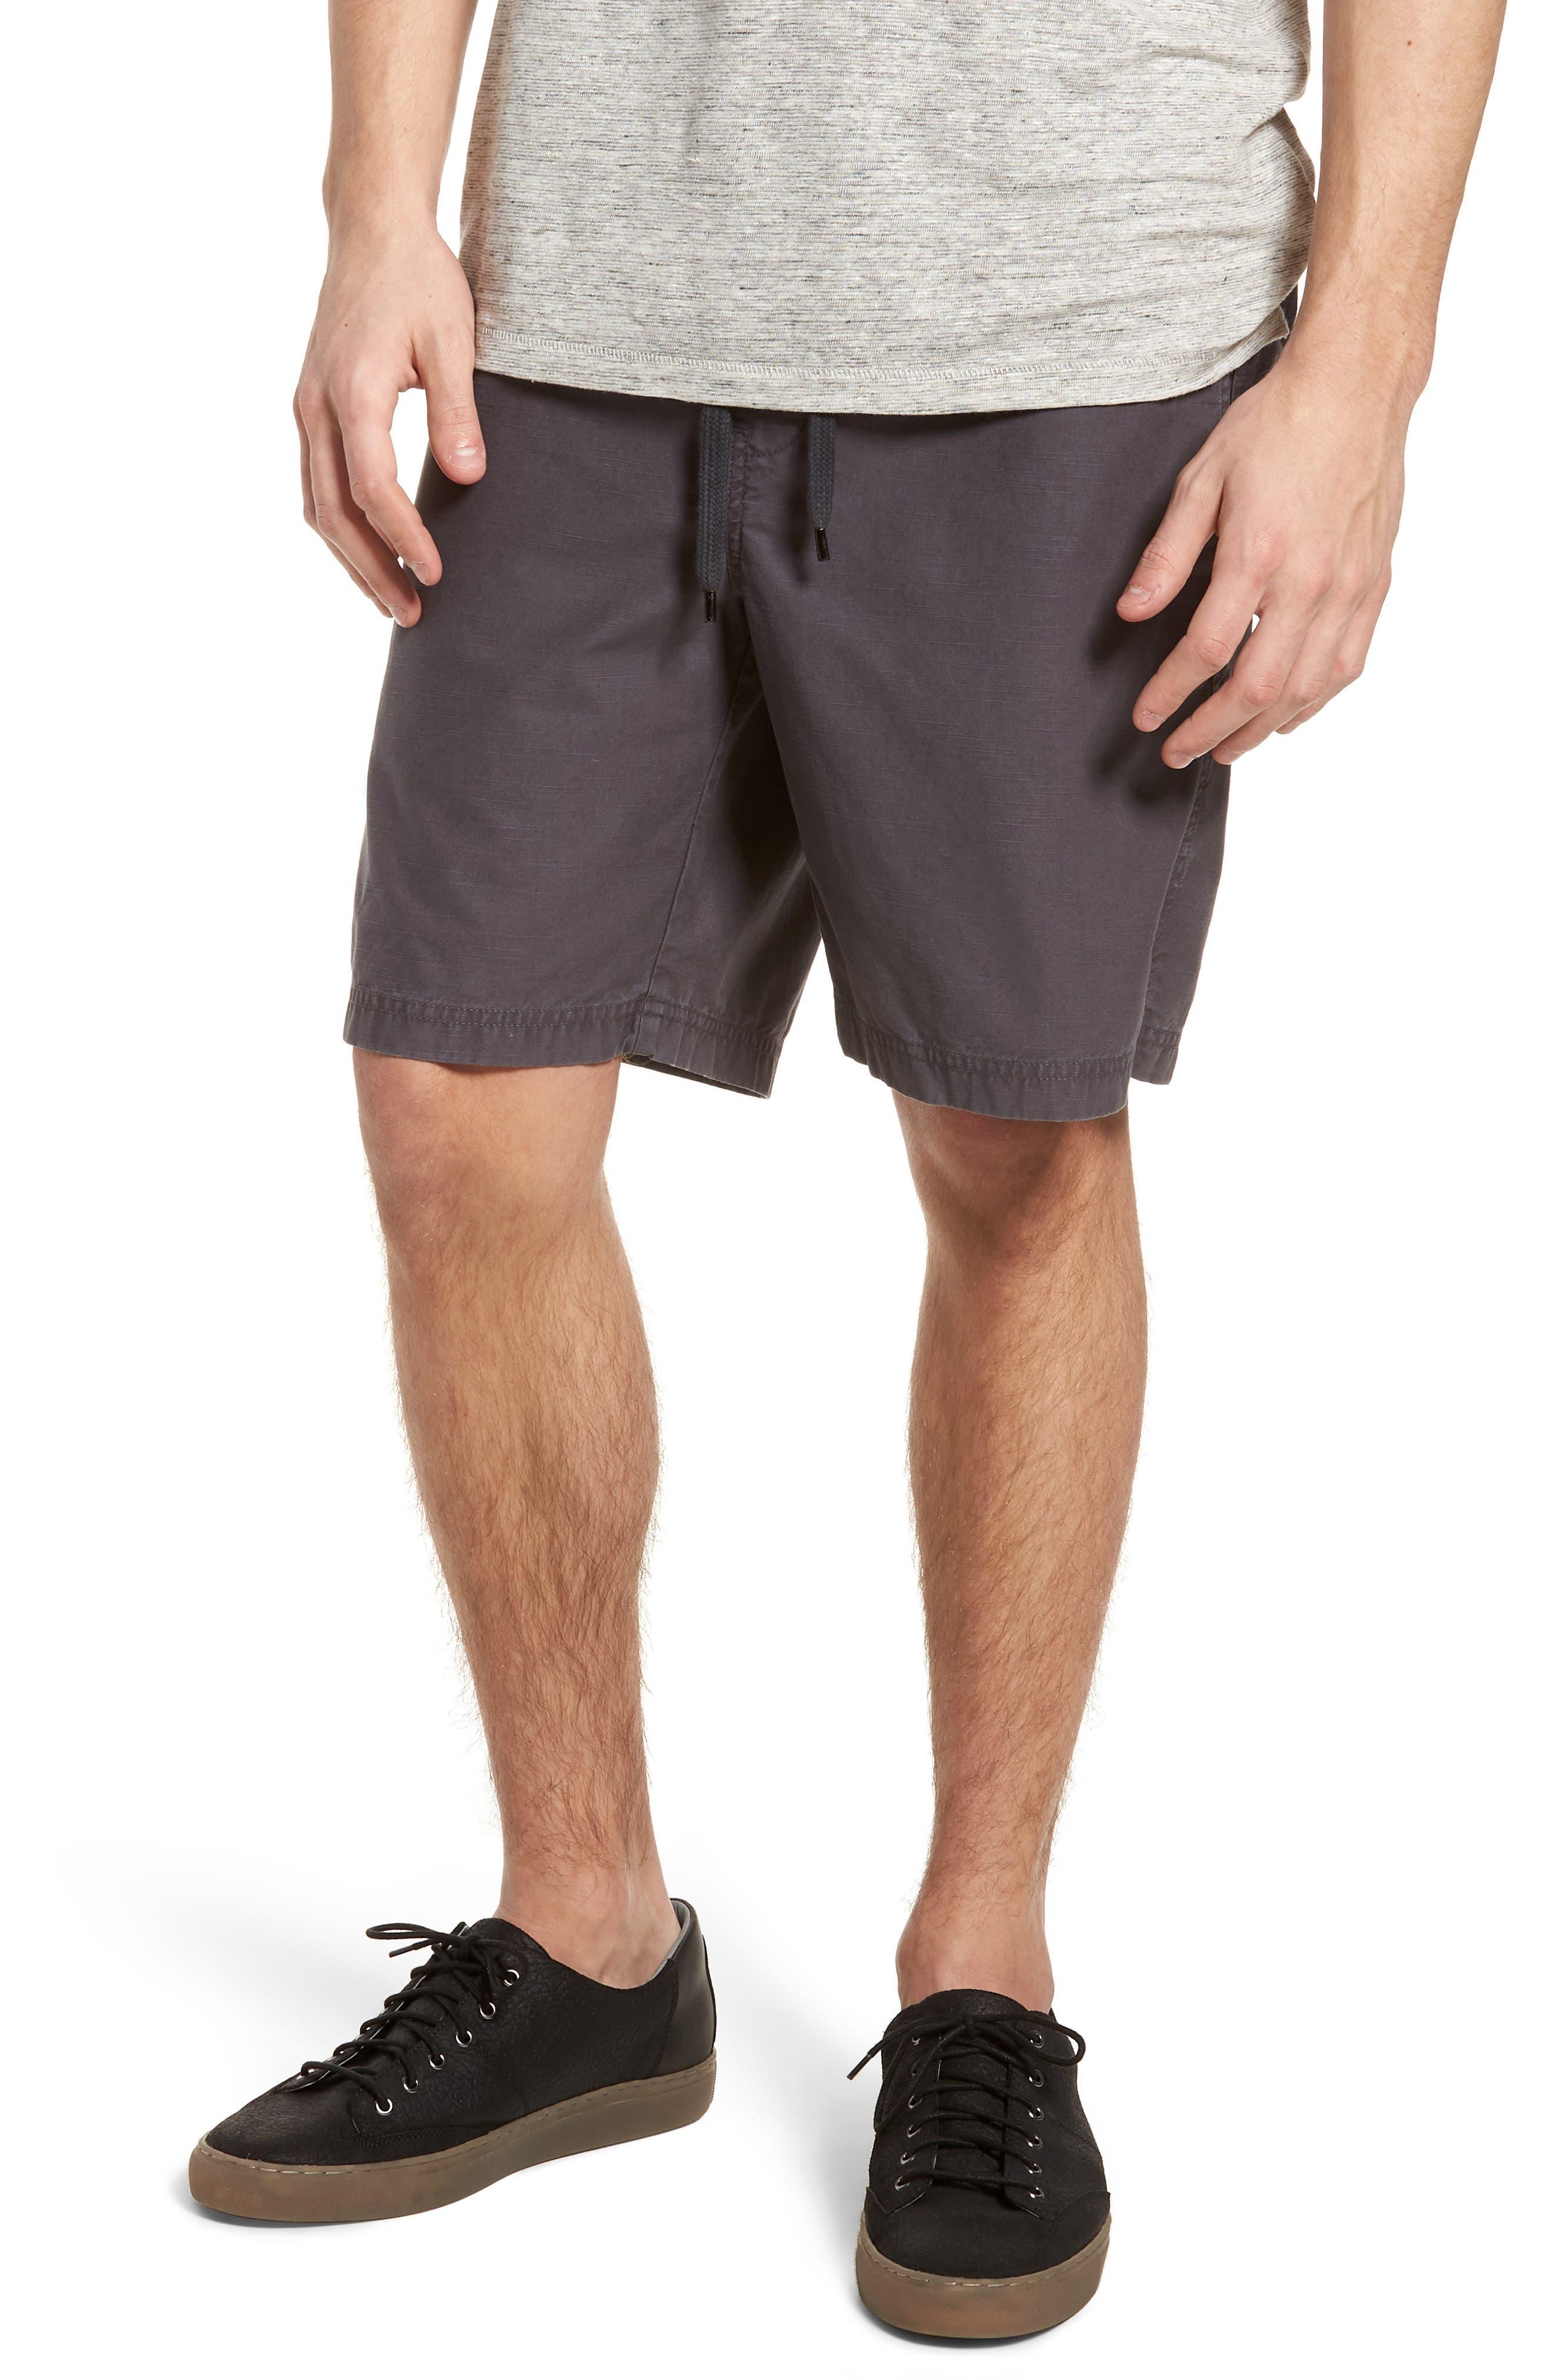 E-Waist Utility Shorts,                             Main thumbnail 1, color,                             021